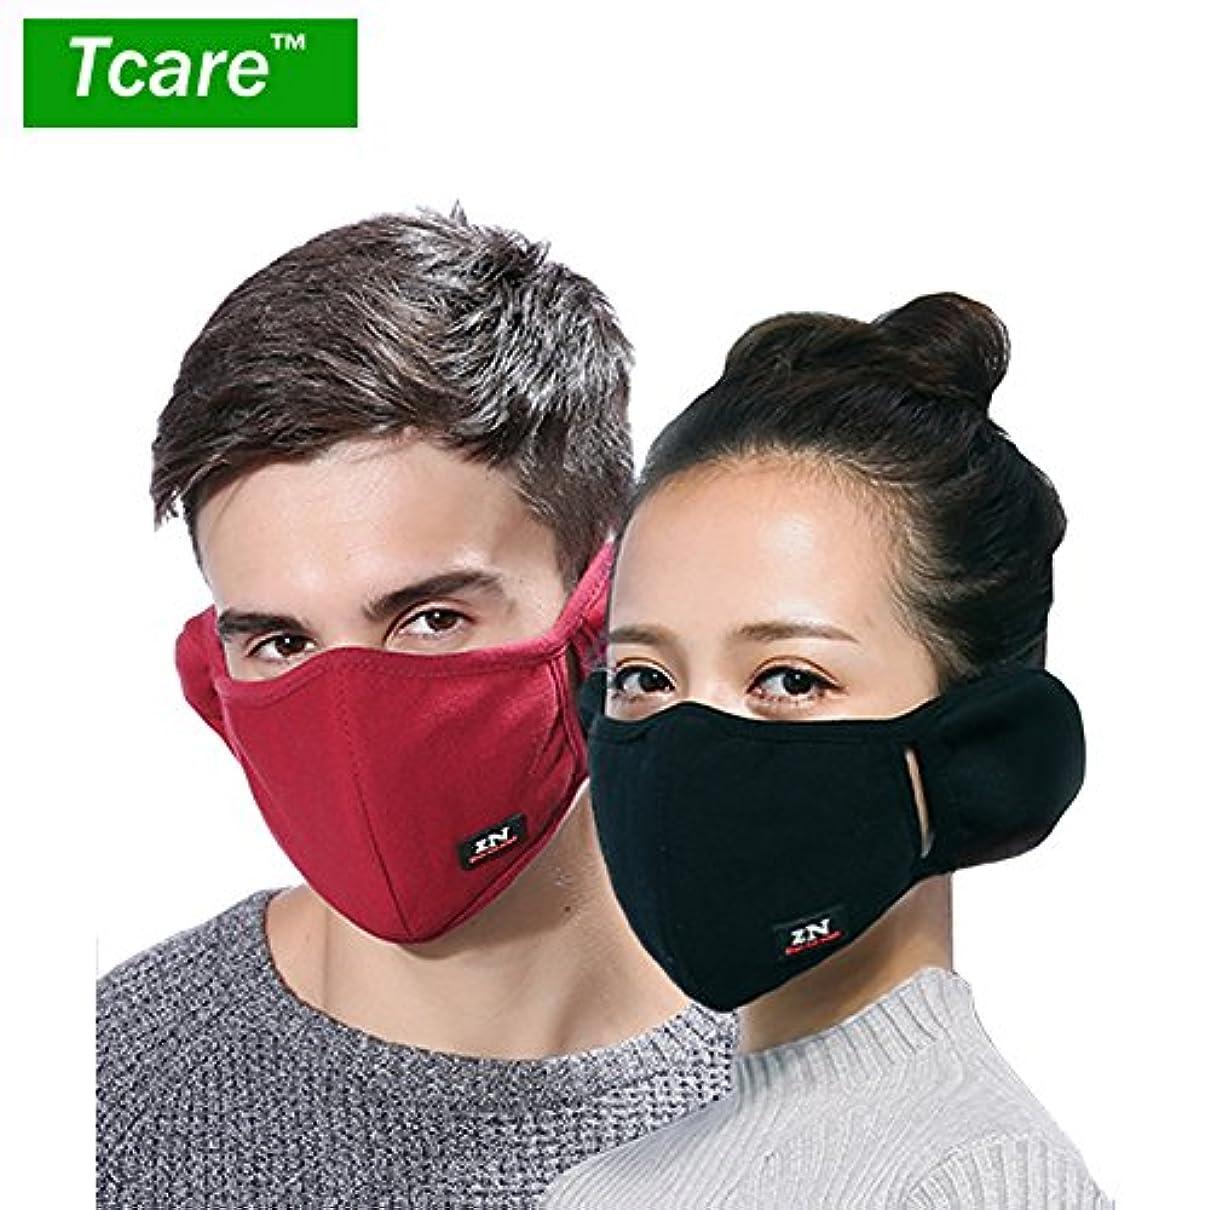 興味同僚海嶺男性女性の少年少女のためのTcare呼吸器2レイヤピュアコットン保護フィルター挿入口:1レッド